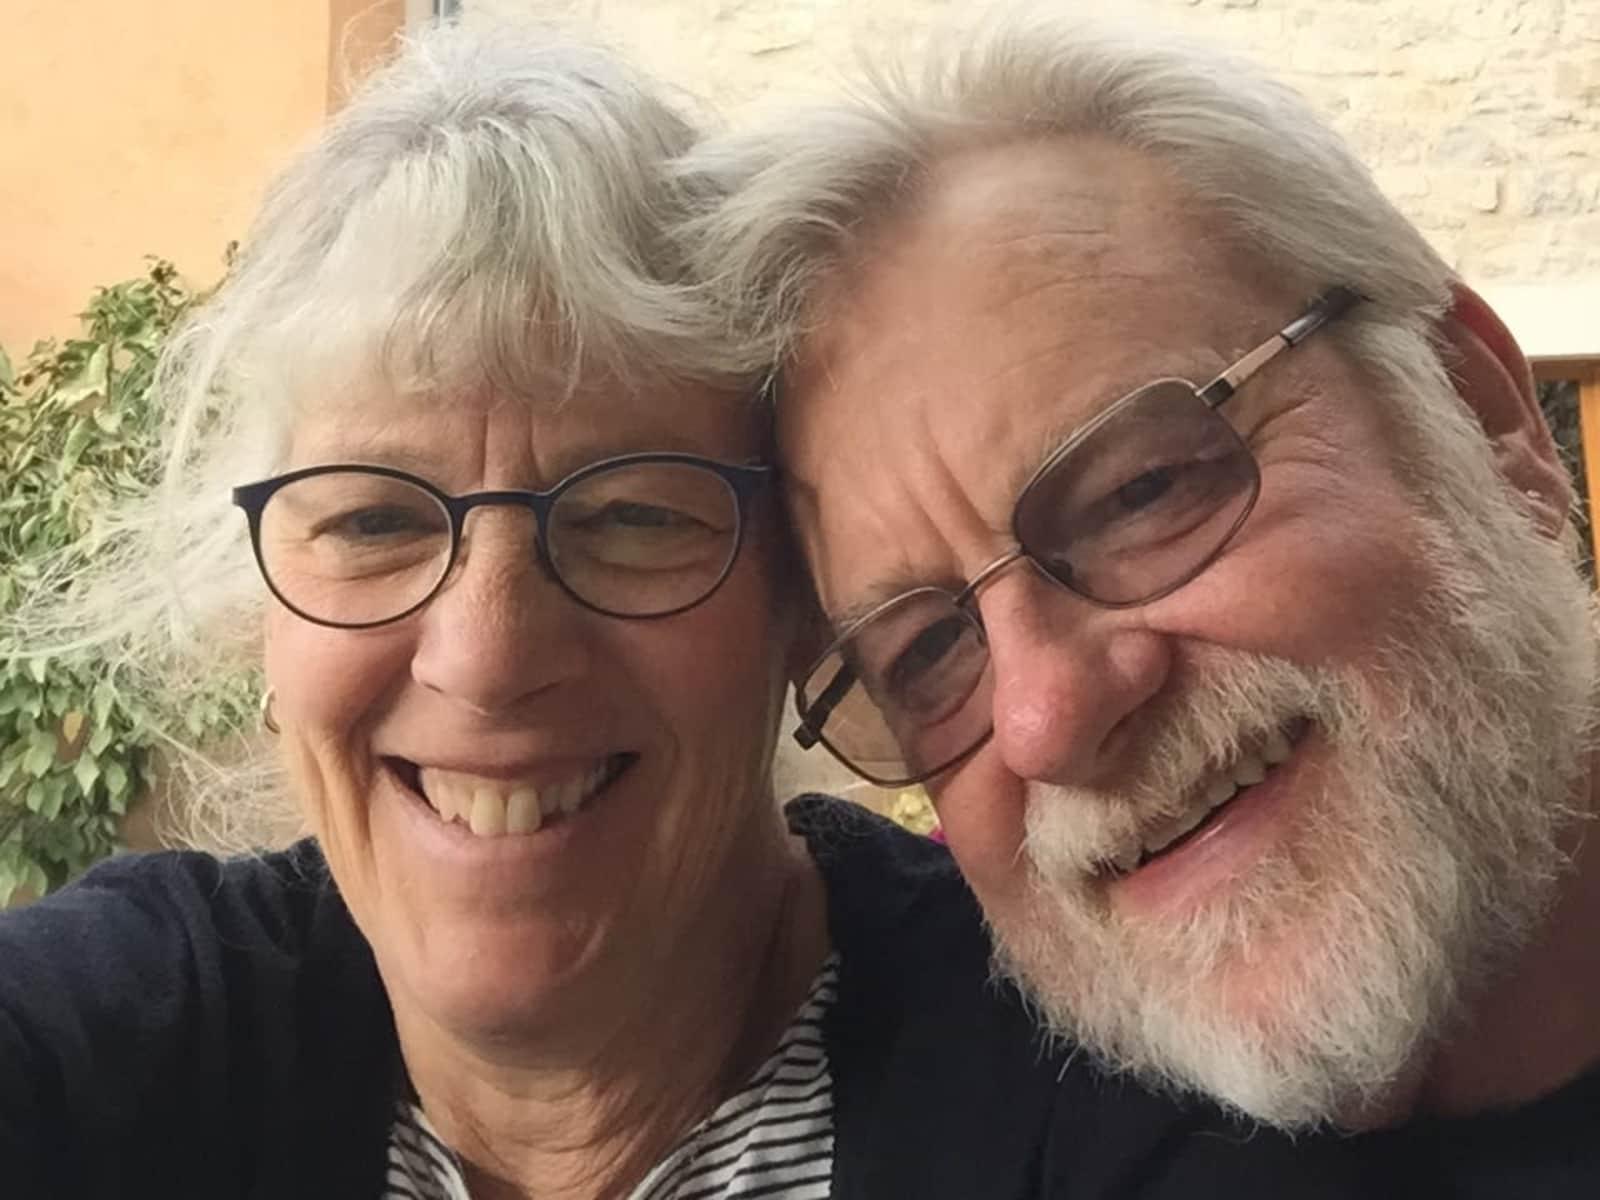 Joni & Scott from Langley, Washington, United States